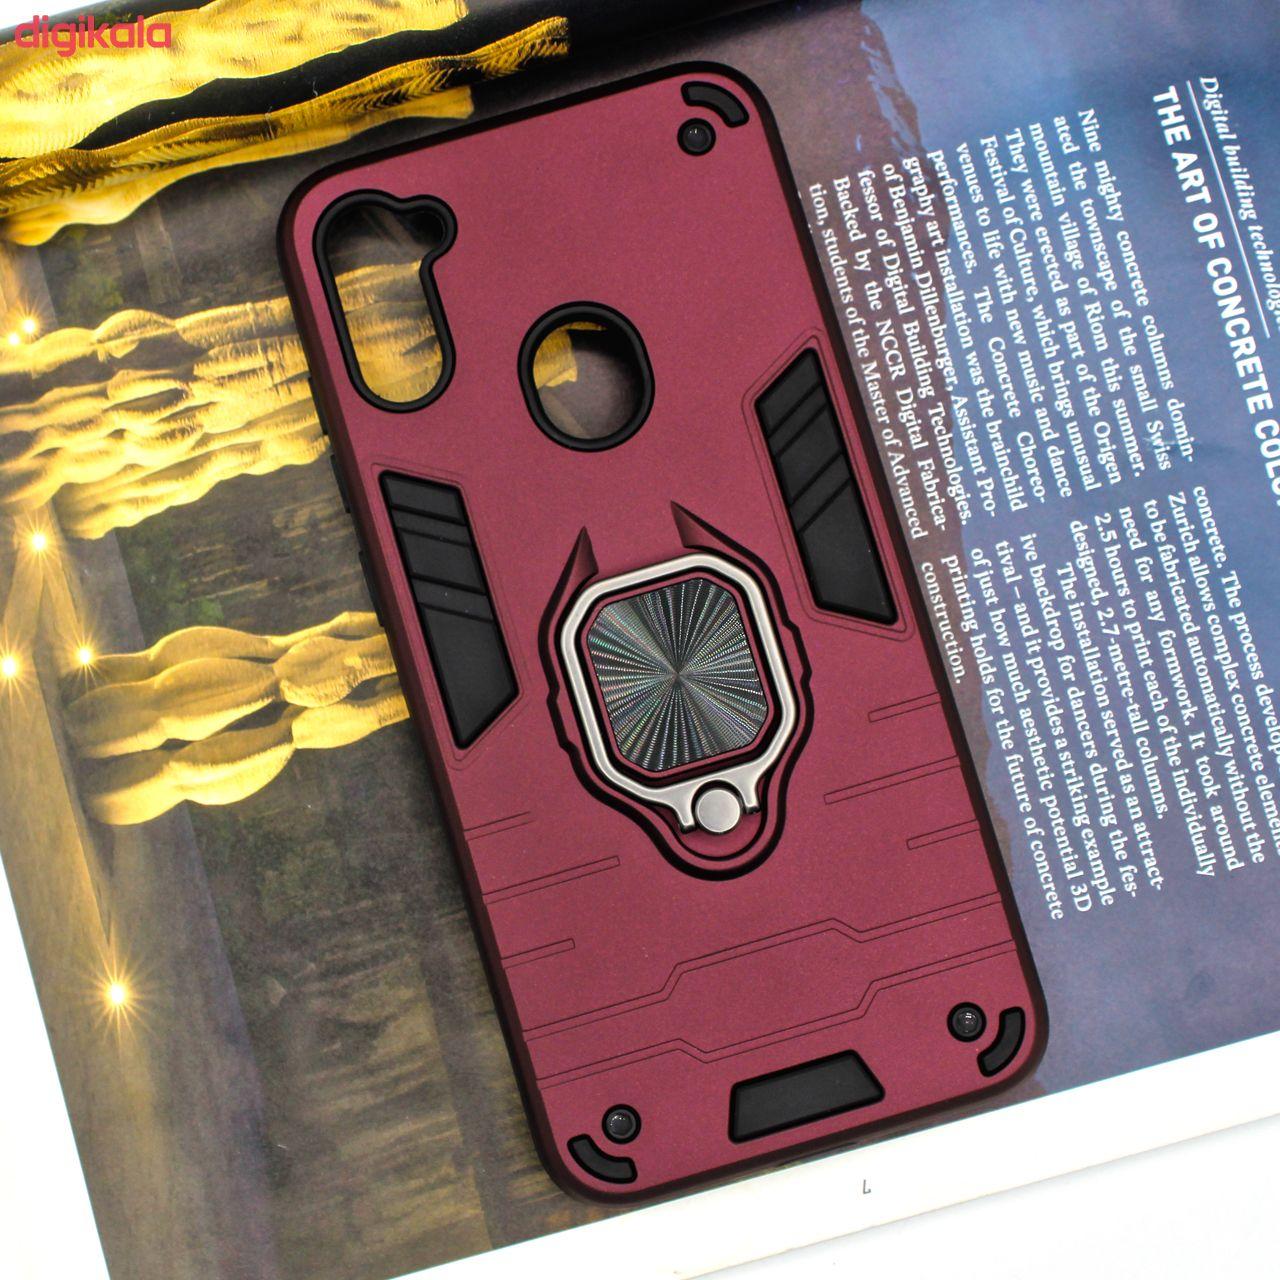 کاور کینگ پاور مدل ASH22 مناسب برای گوشی موبایل سامسونگ Galaxy A11 main 1 10